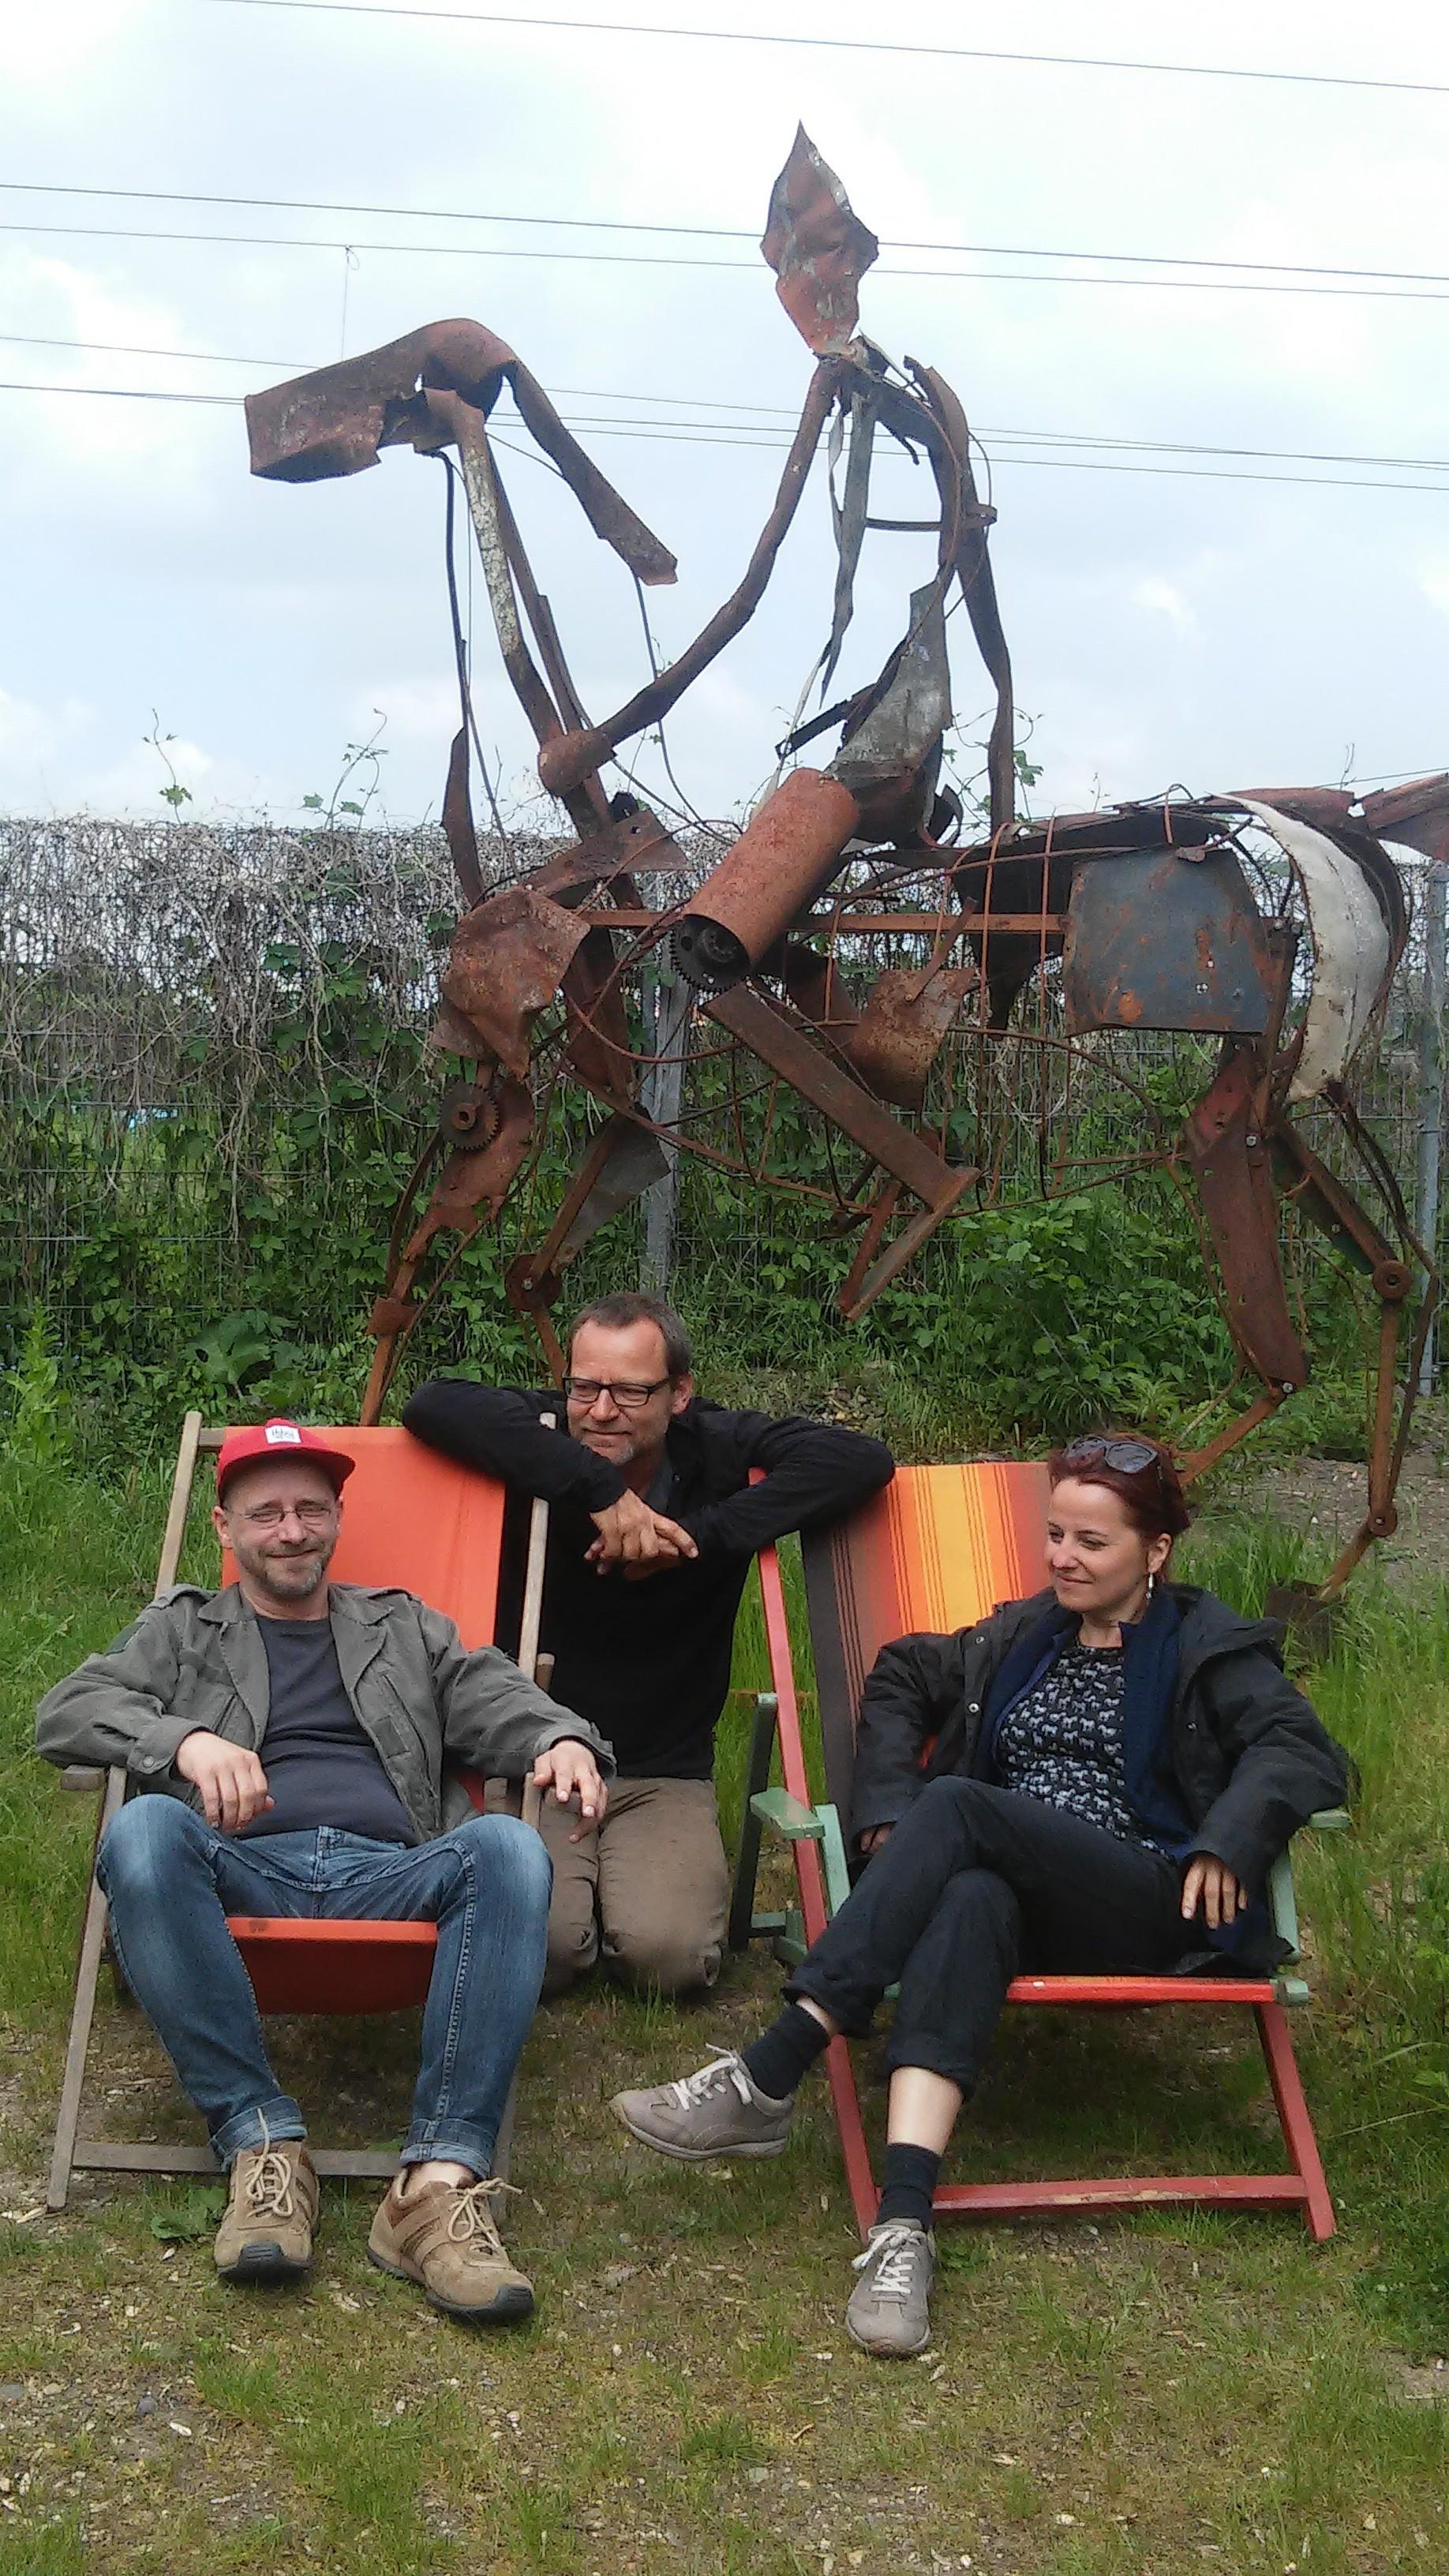 v.l.n.r. Marek Brandt, Christoph Hundhammer und Diana Wesser vor der Reiterskulptur, die anlässlich der NdK 2015 entstand.